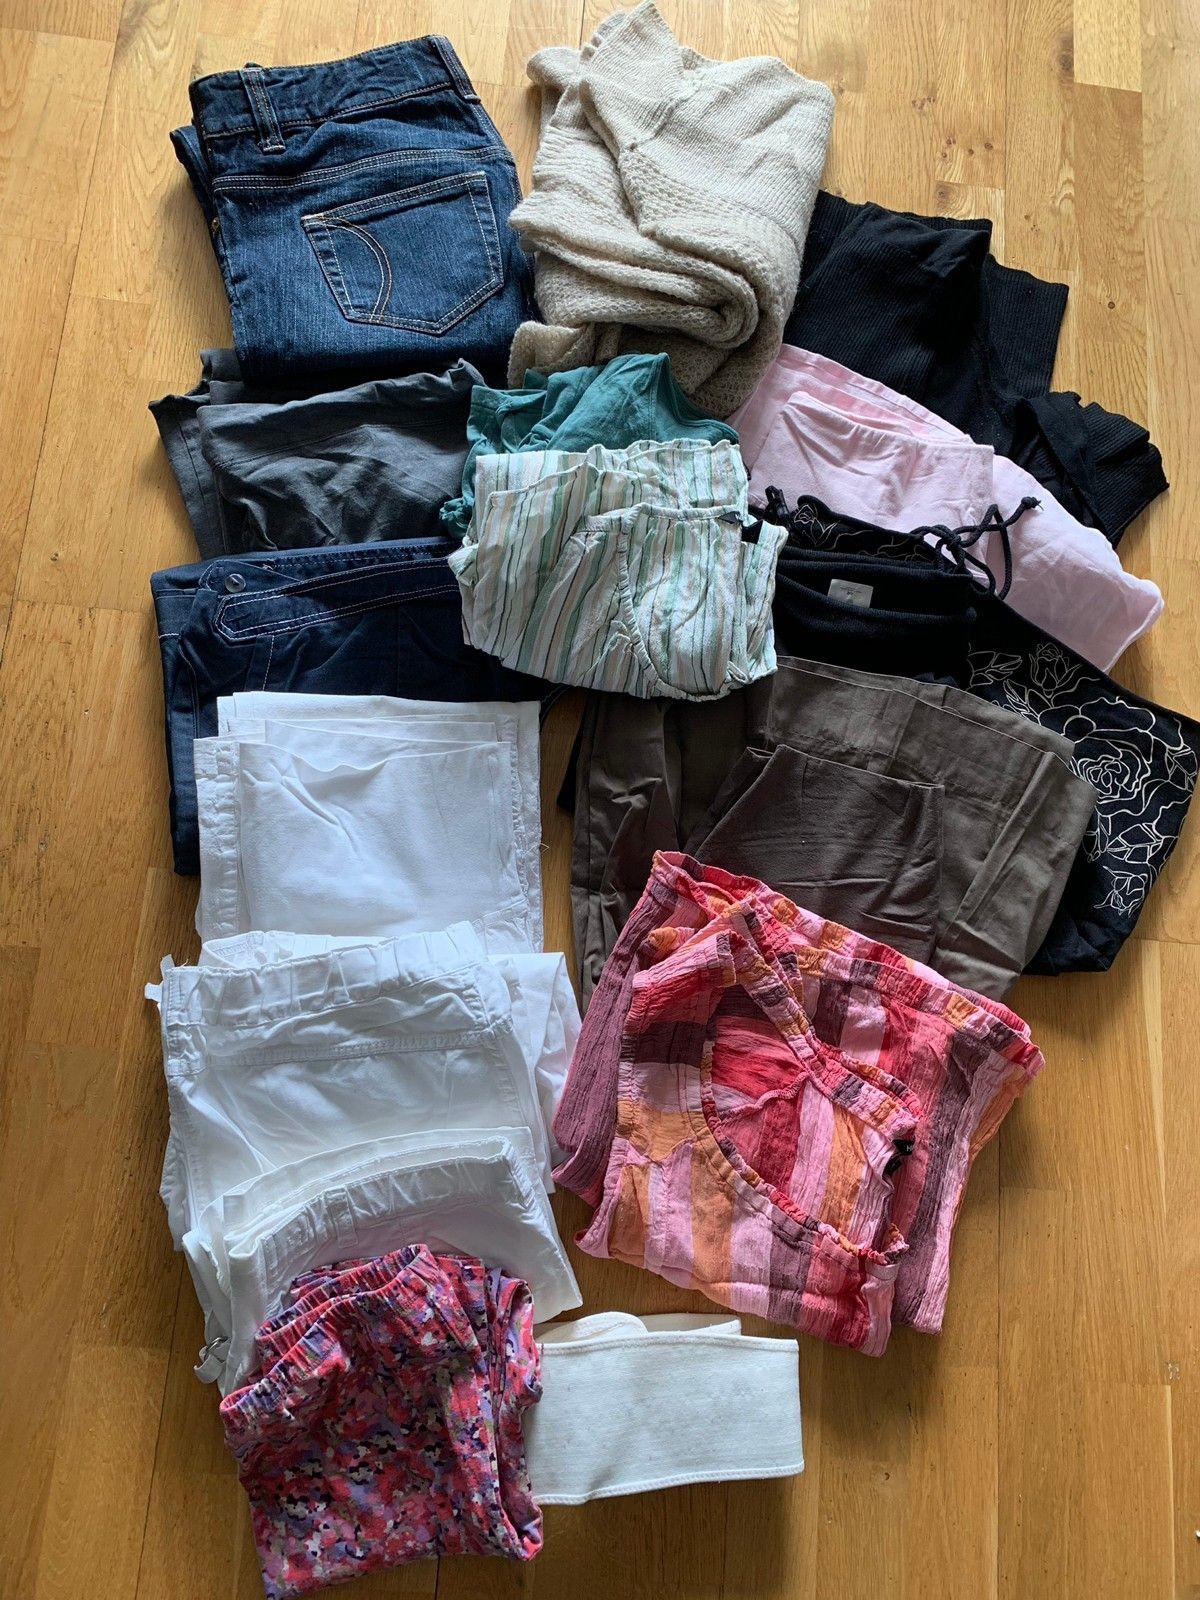 5a2f99bf Fin pakke klær, mye sommerklær, pent brukt. Bukser venstre side, skjørt og  kjole høyre side, jakke/bluse i midten (1/21)